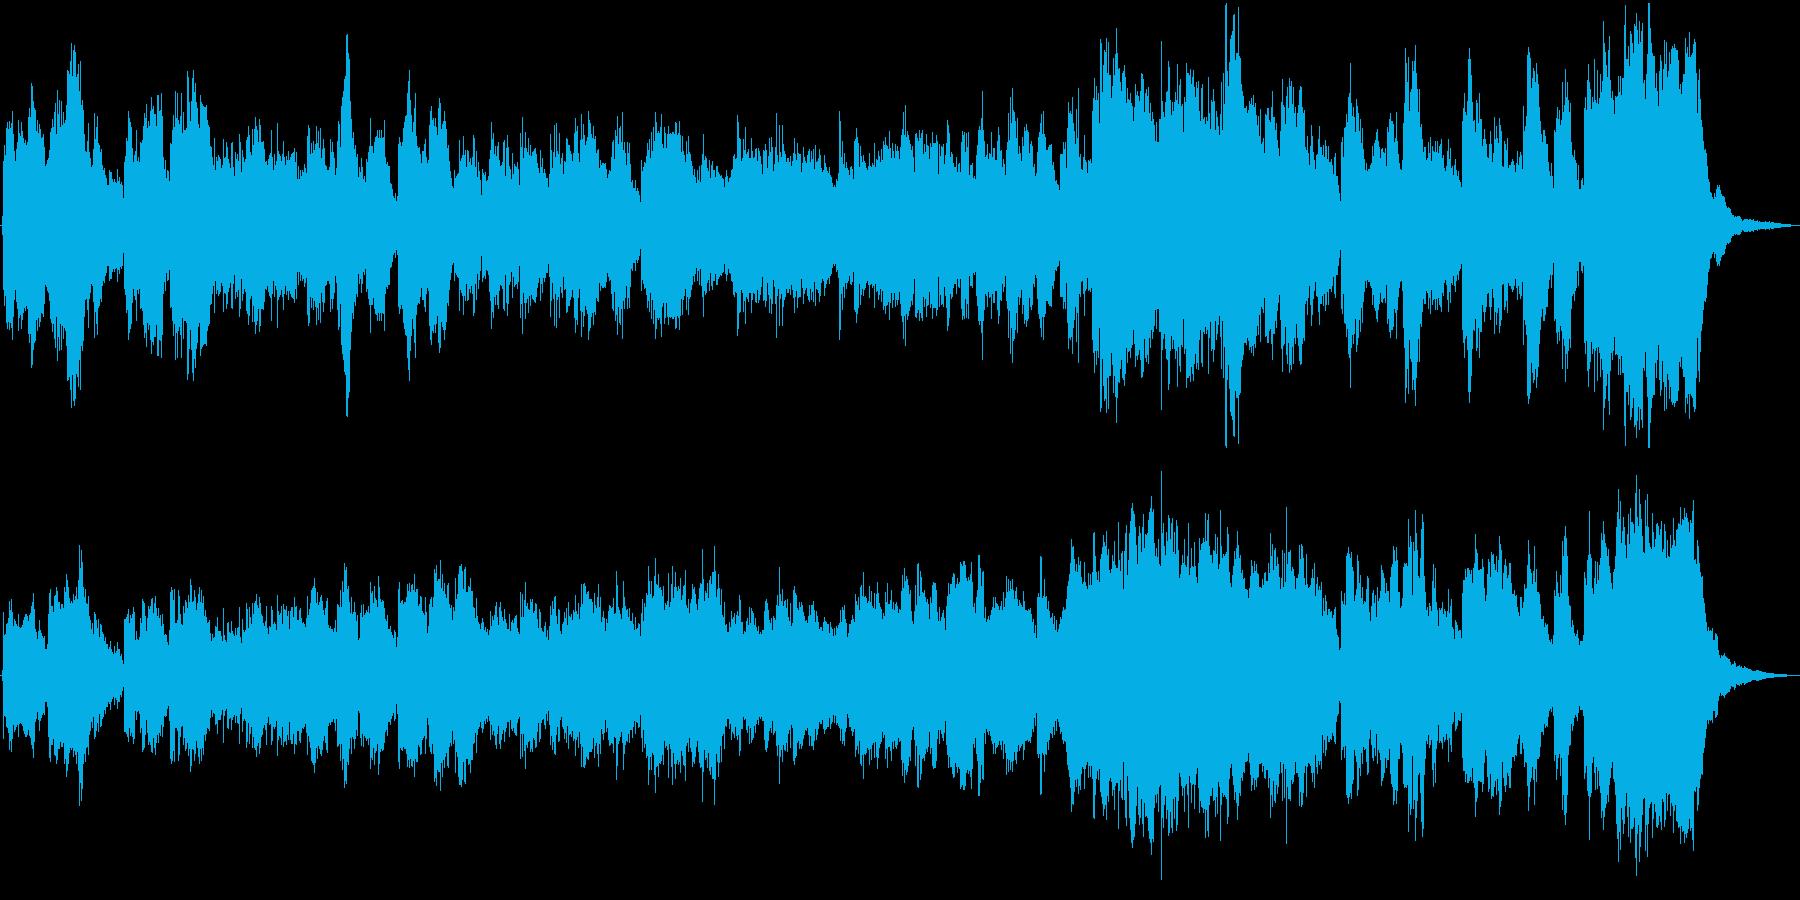 電車が走るシーン等に最適の約30秒の曲の再生済みの波形